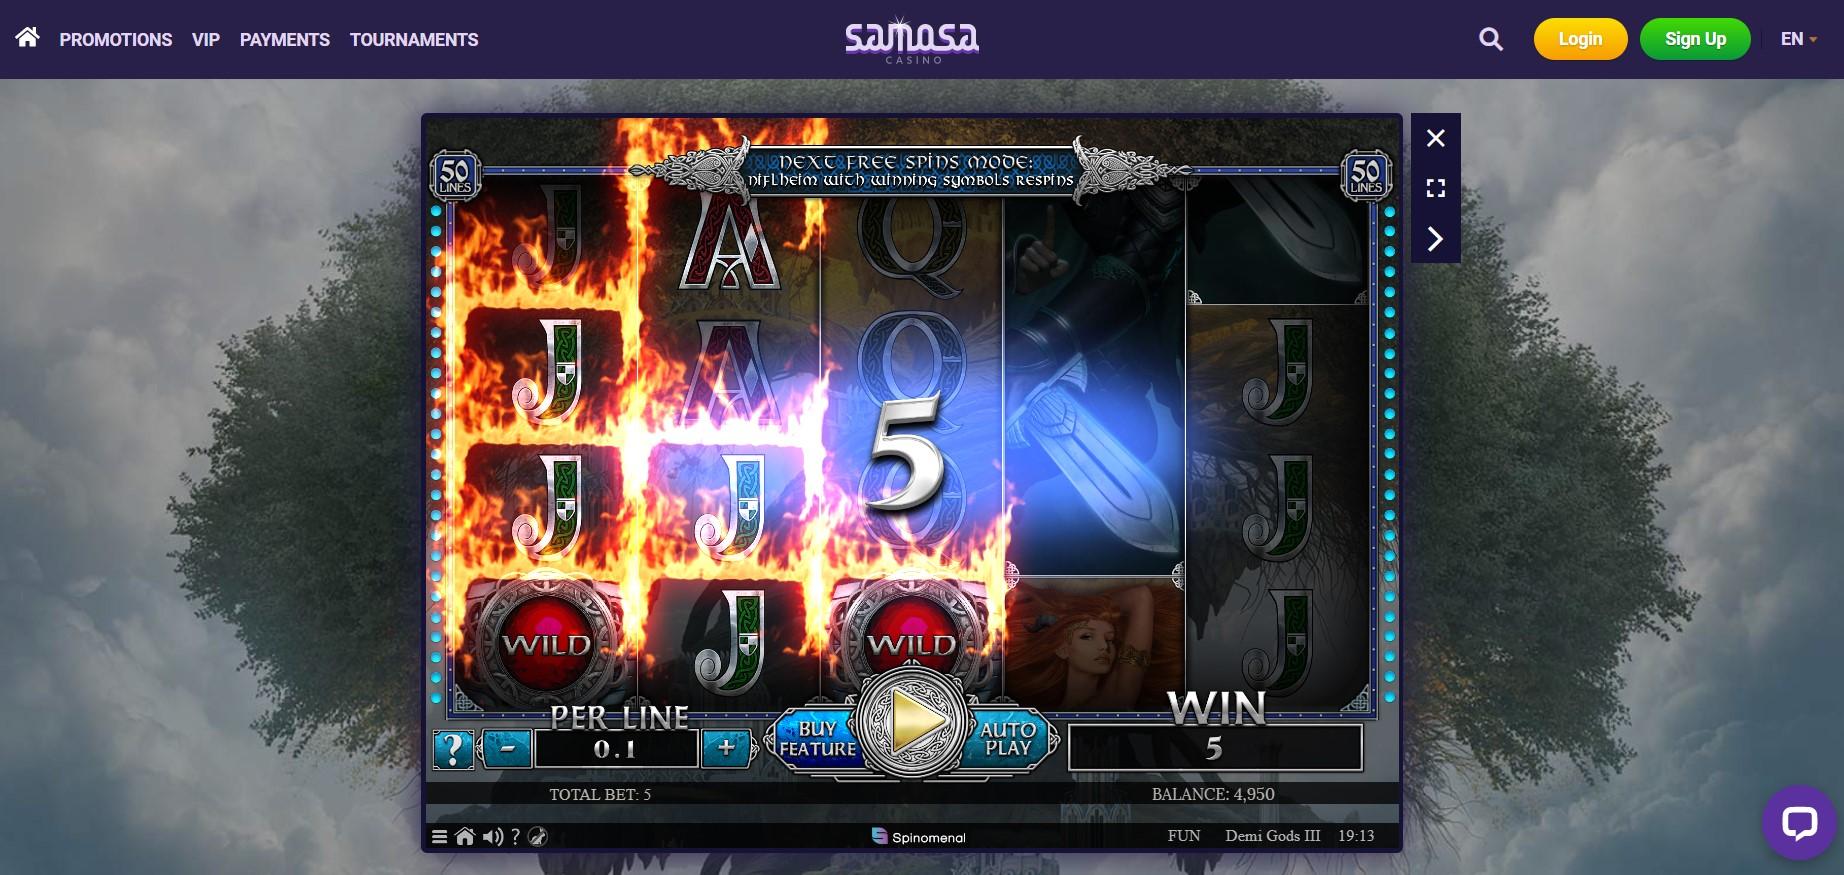 Samosa Casino game